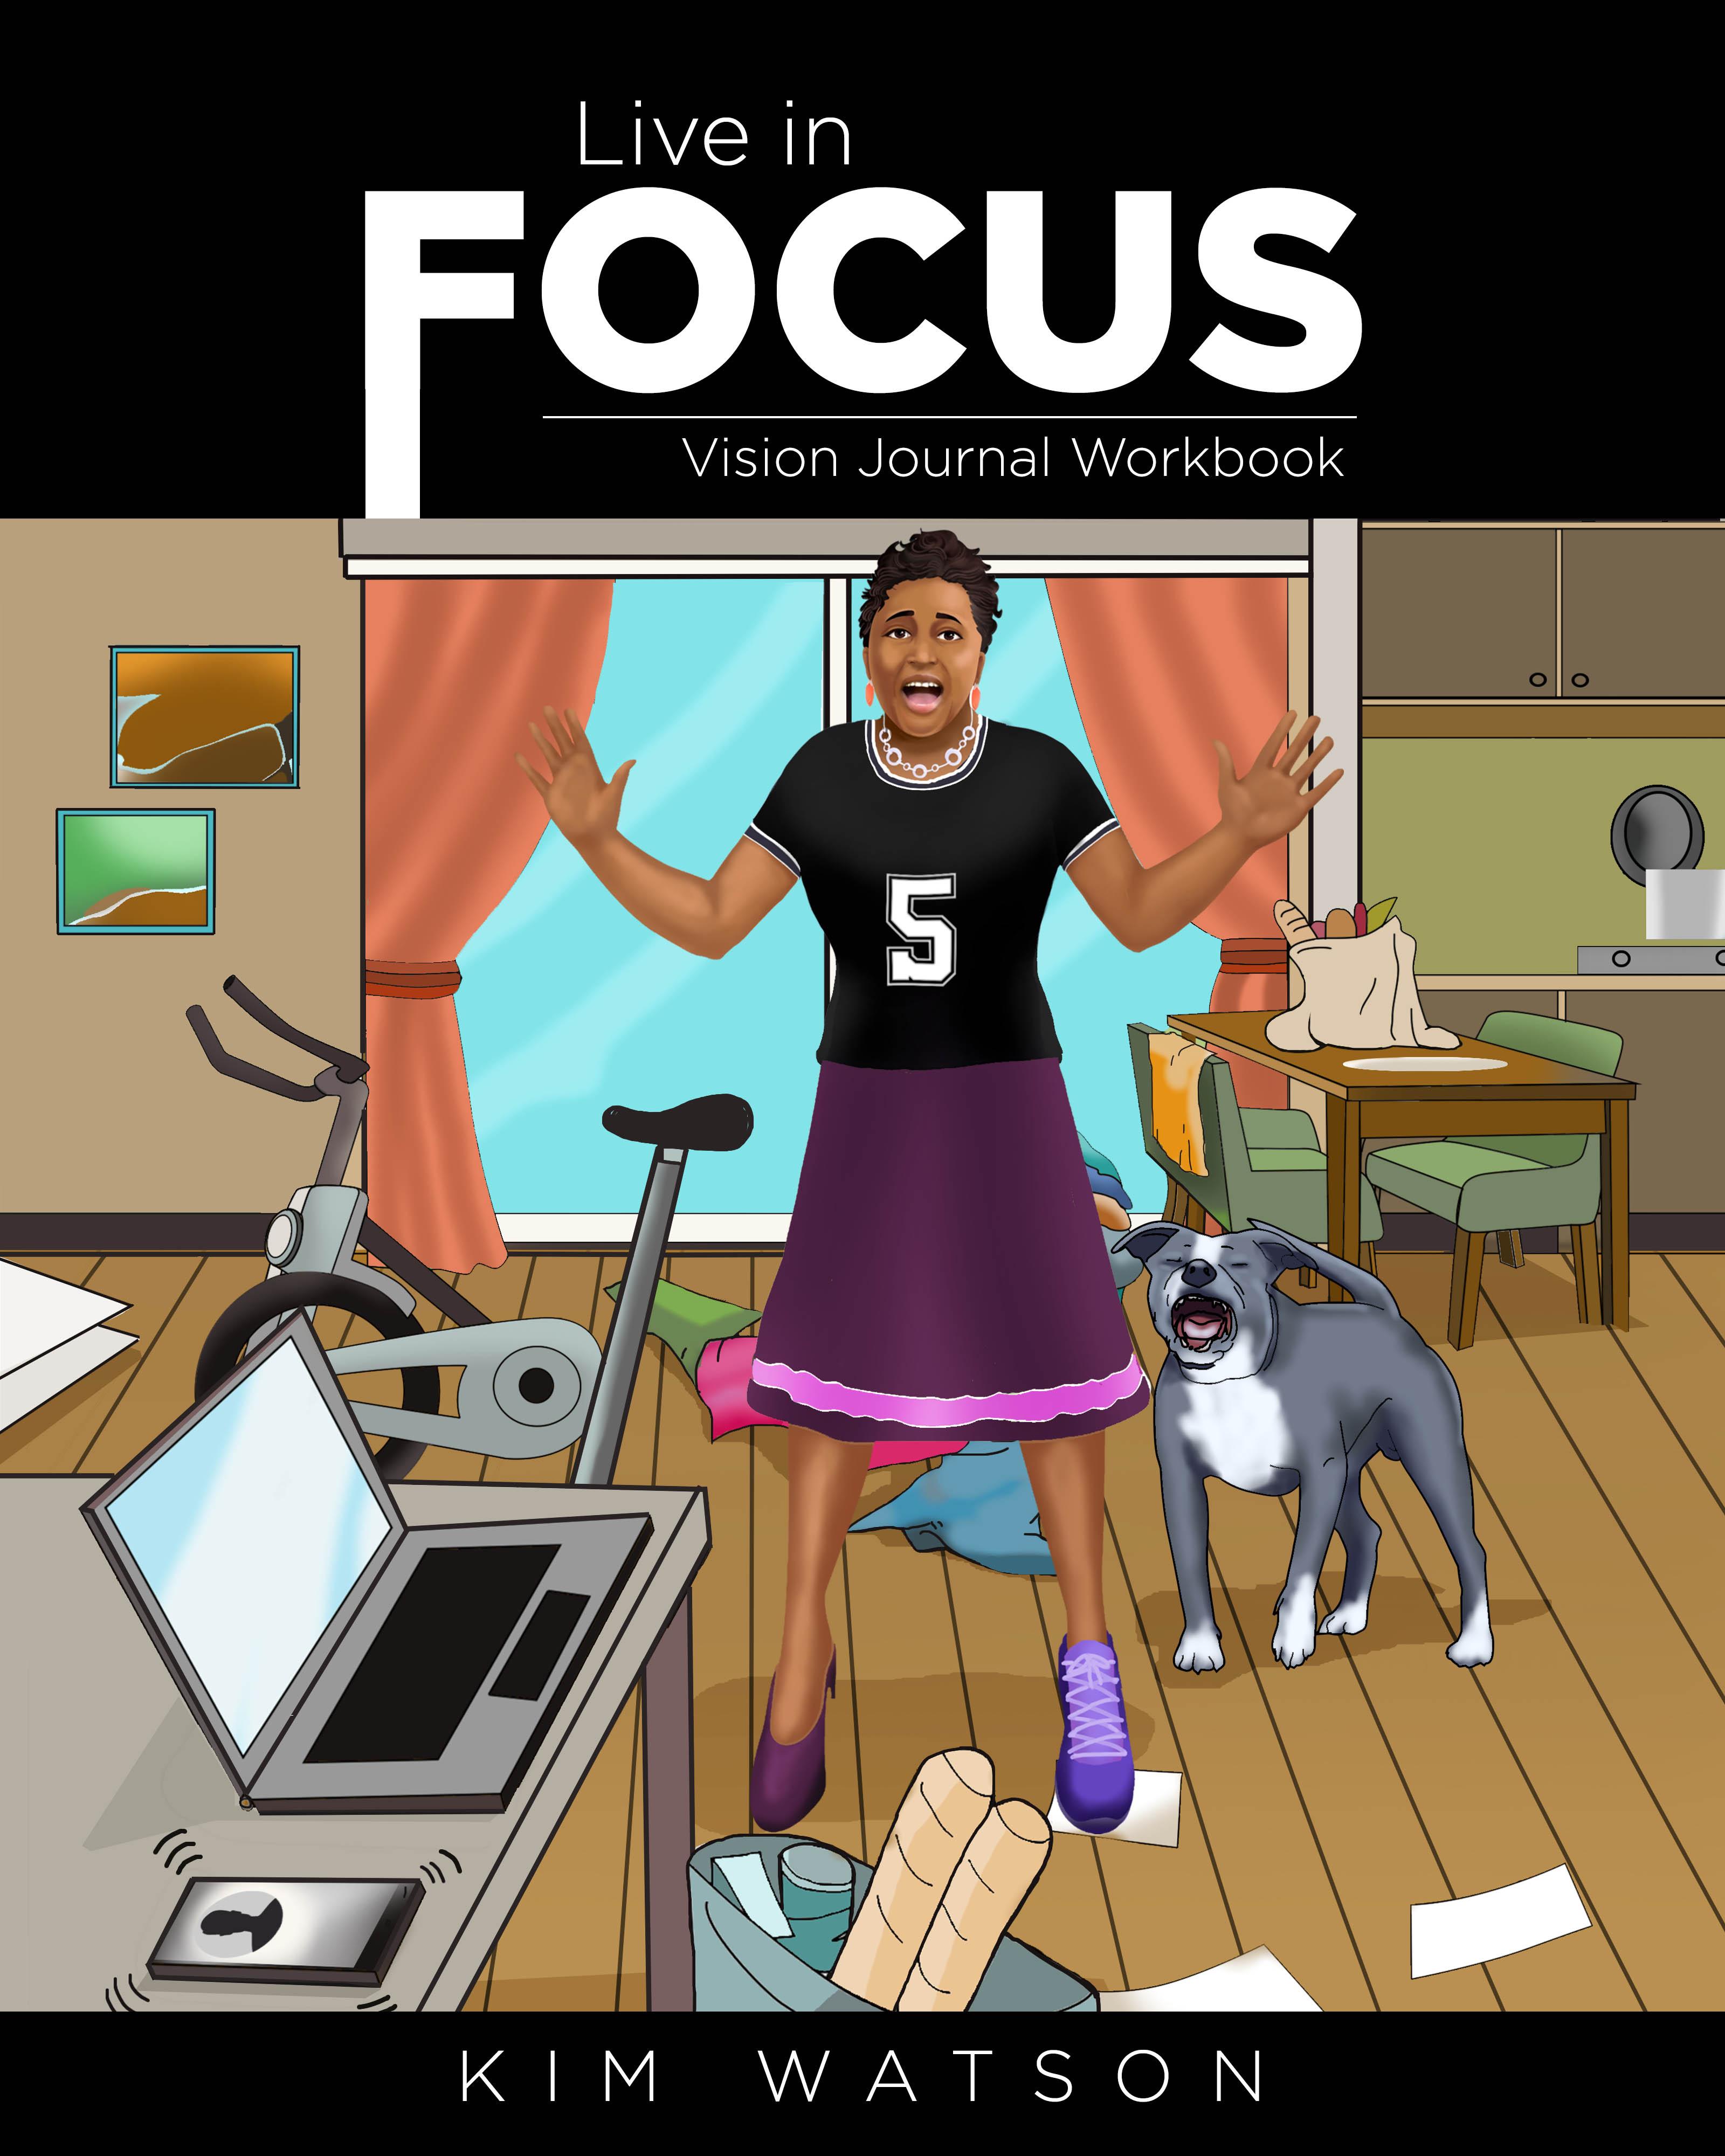 Live in focus